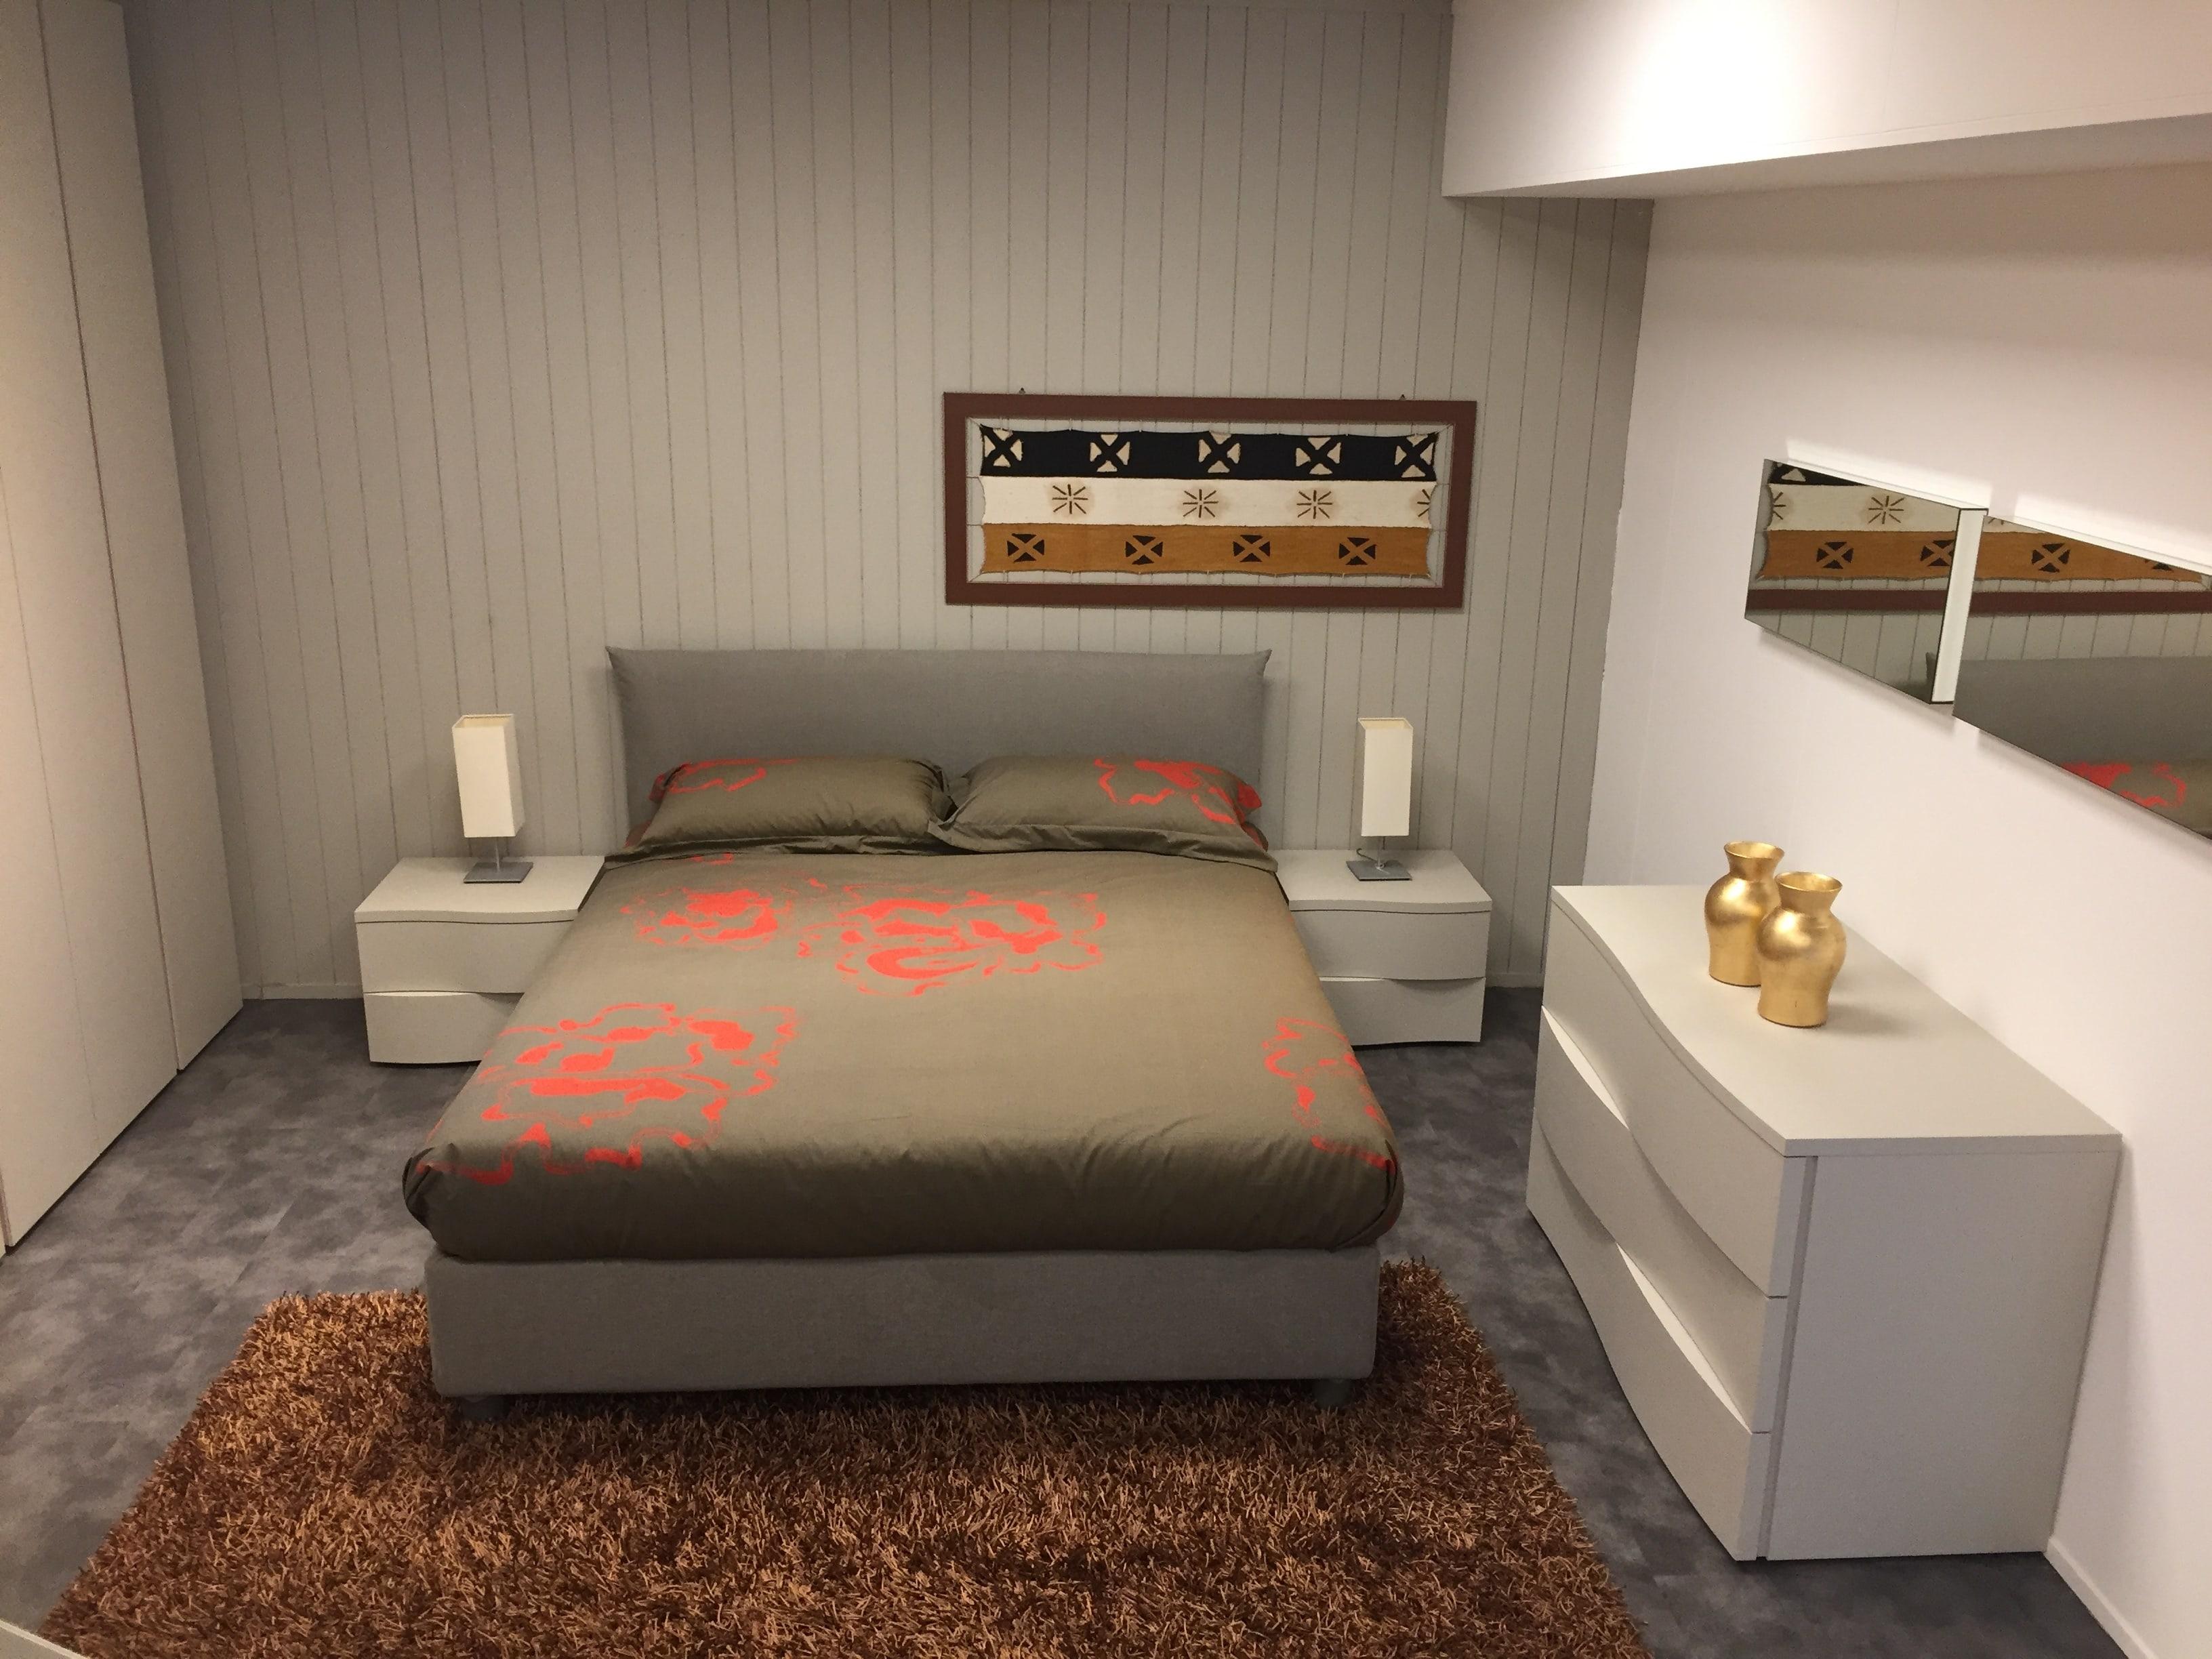 Camera armadio gruppo letto spar letto oggioni camere a prezzi scontati - Camera letto spar ...